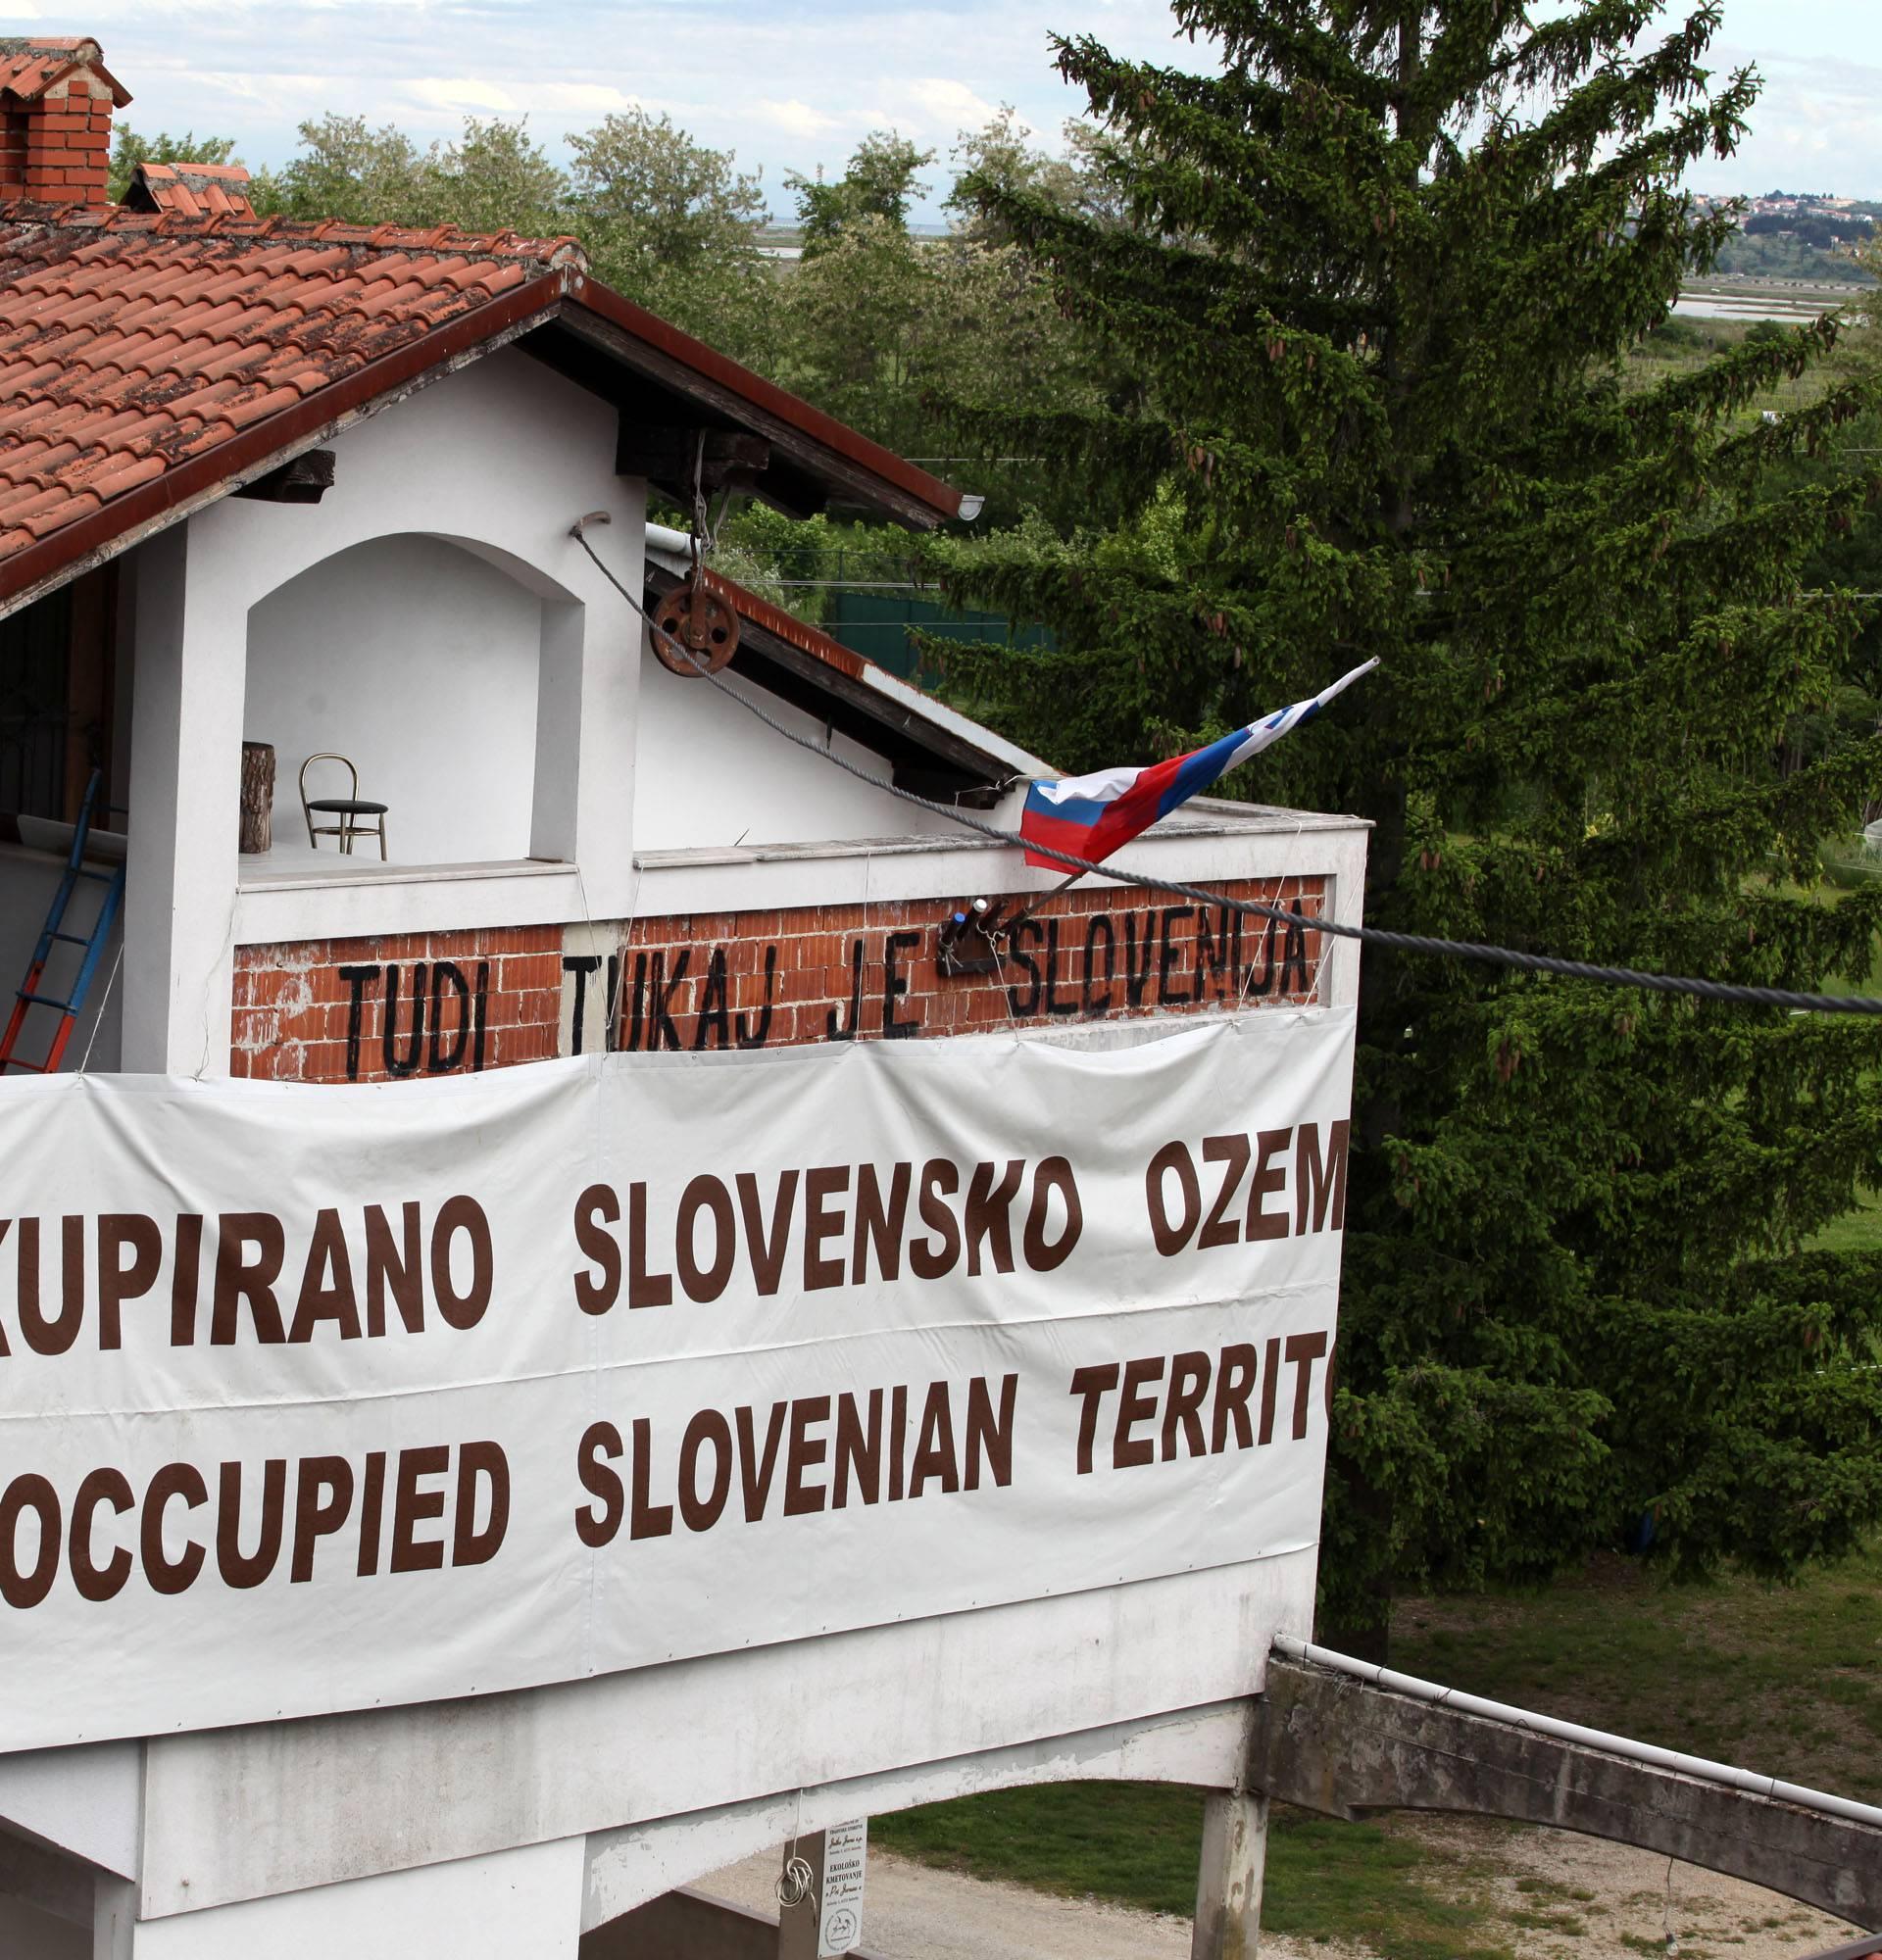 Joras opet radi što želi: 'Ovo  je okupirani slovenski teritorij...'